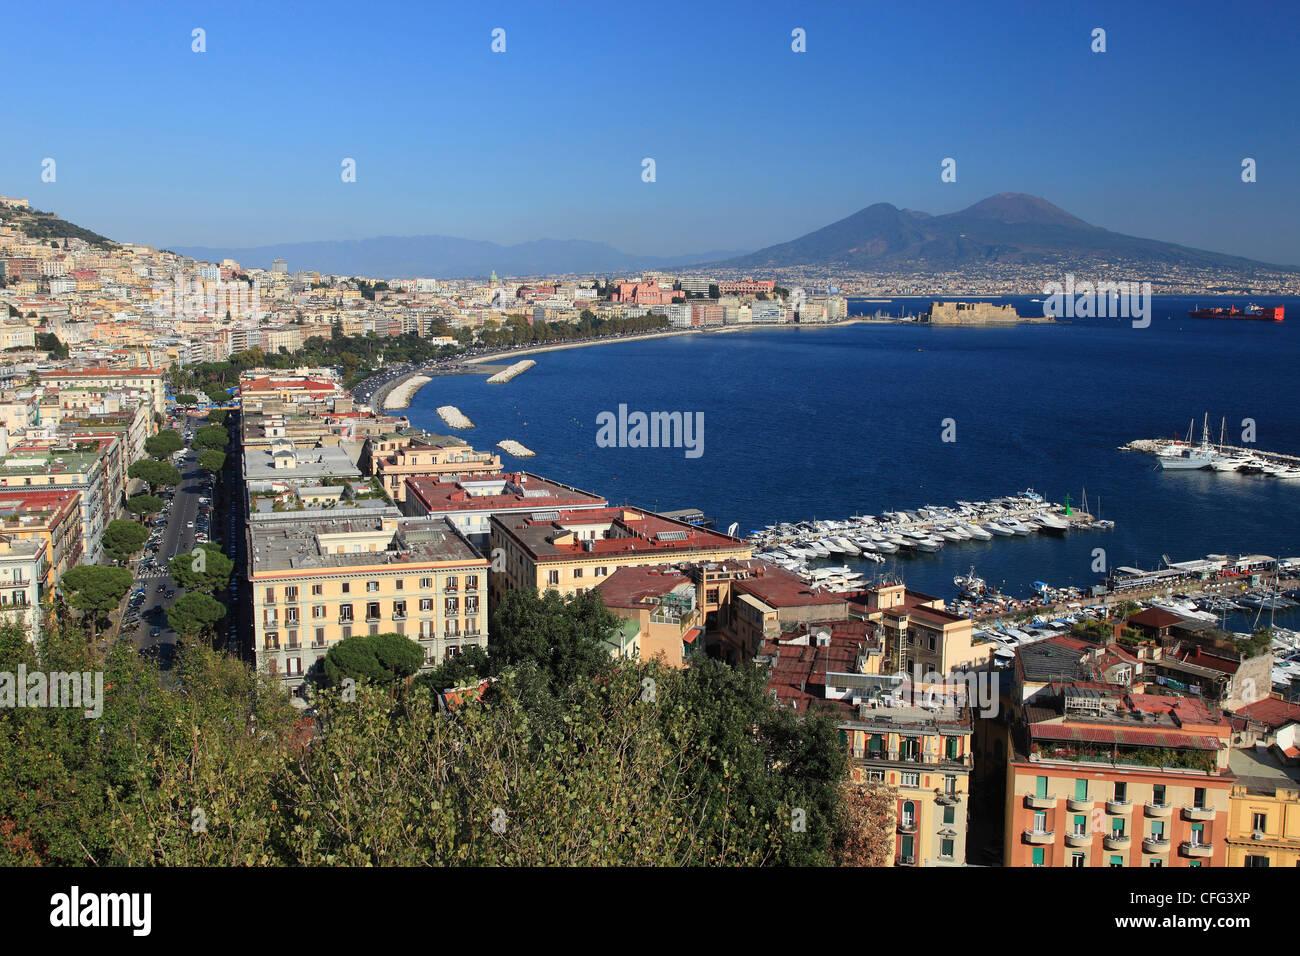 Italy, Campania, Naples, cityscape and Vesuvius volcano - Stock Image